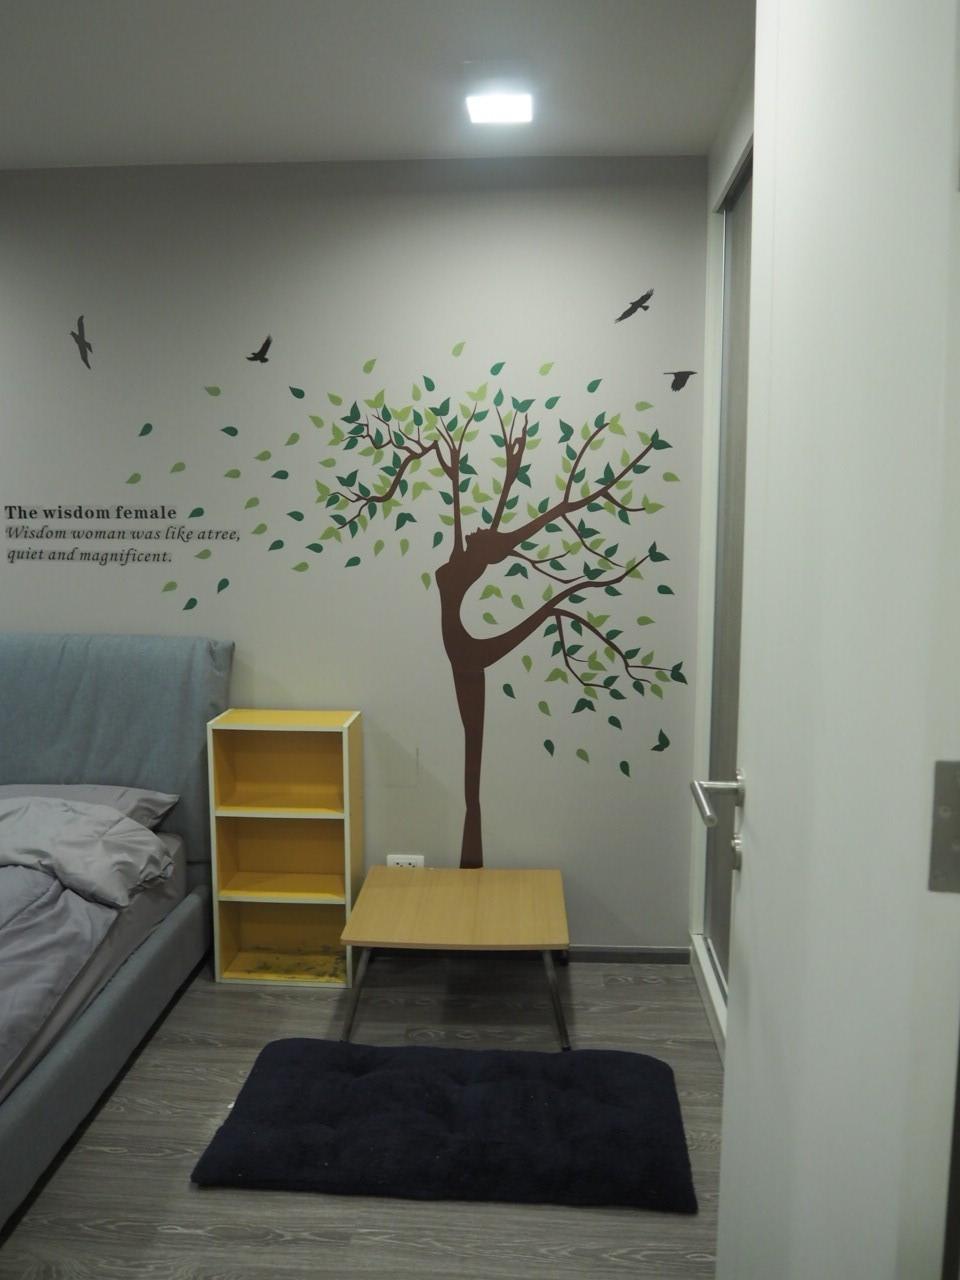 รูปของประกาศเช่าคอนโดZelle รัตนาธิเบศร์(1 ห้องนอน)(2)